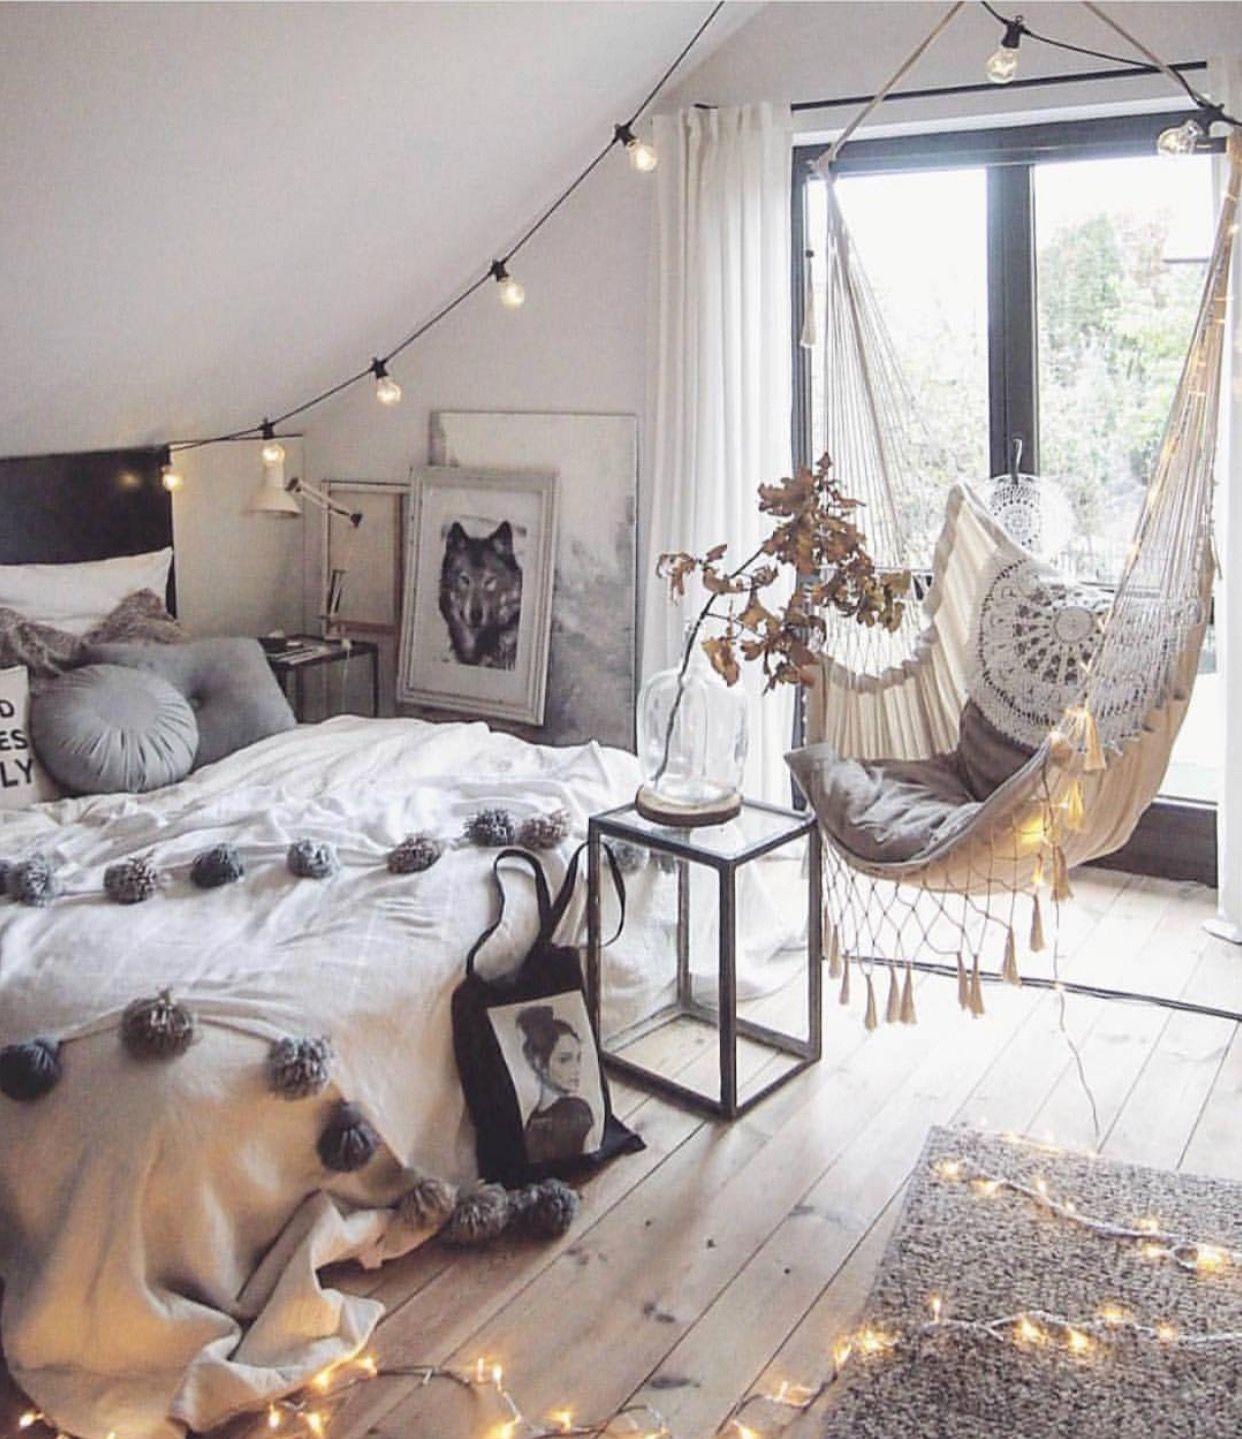 Pin de rachelanne en tumblr cozy pinterest la mas hermosa camas y hermosa - Idee deco wallpaper volwassene kamer ...